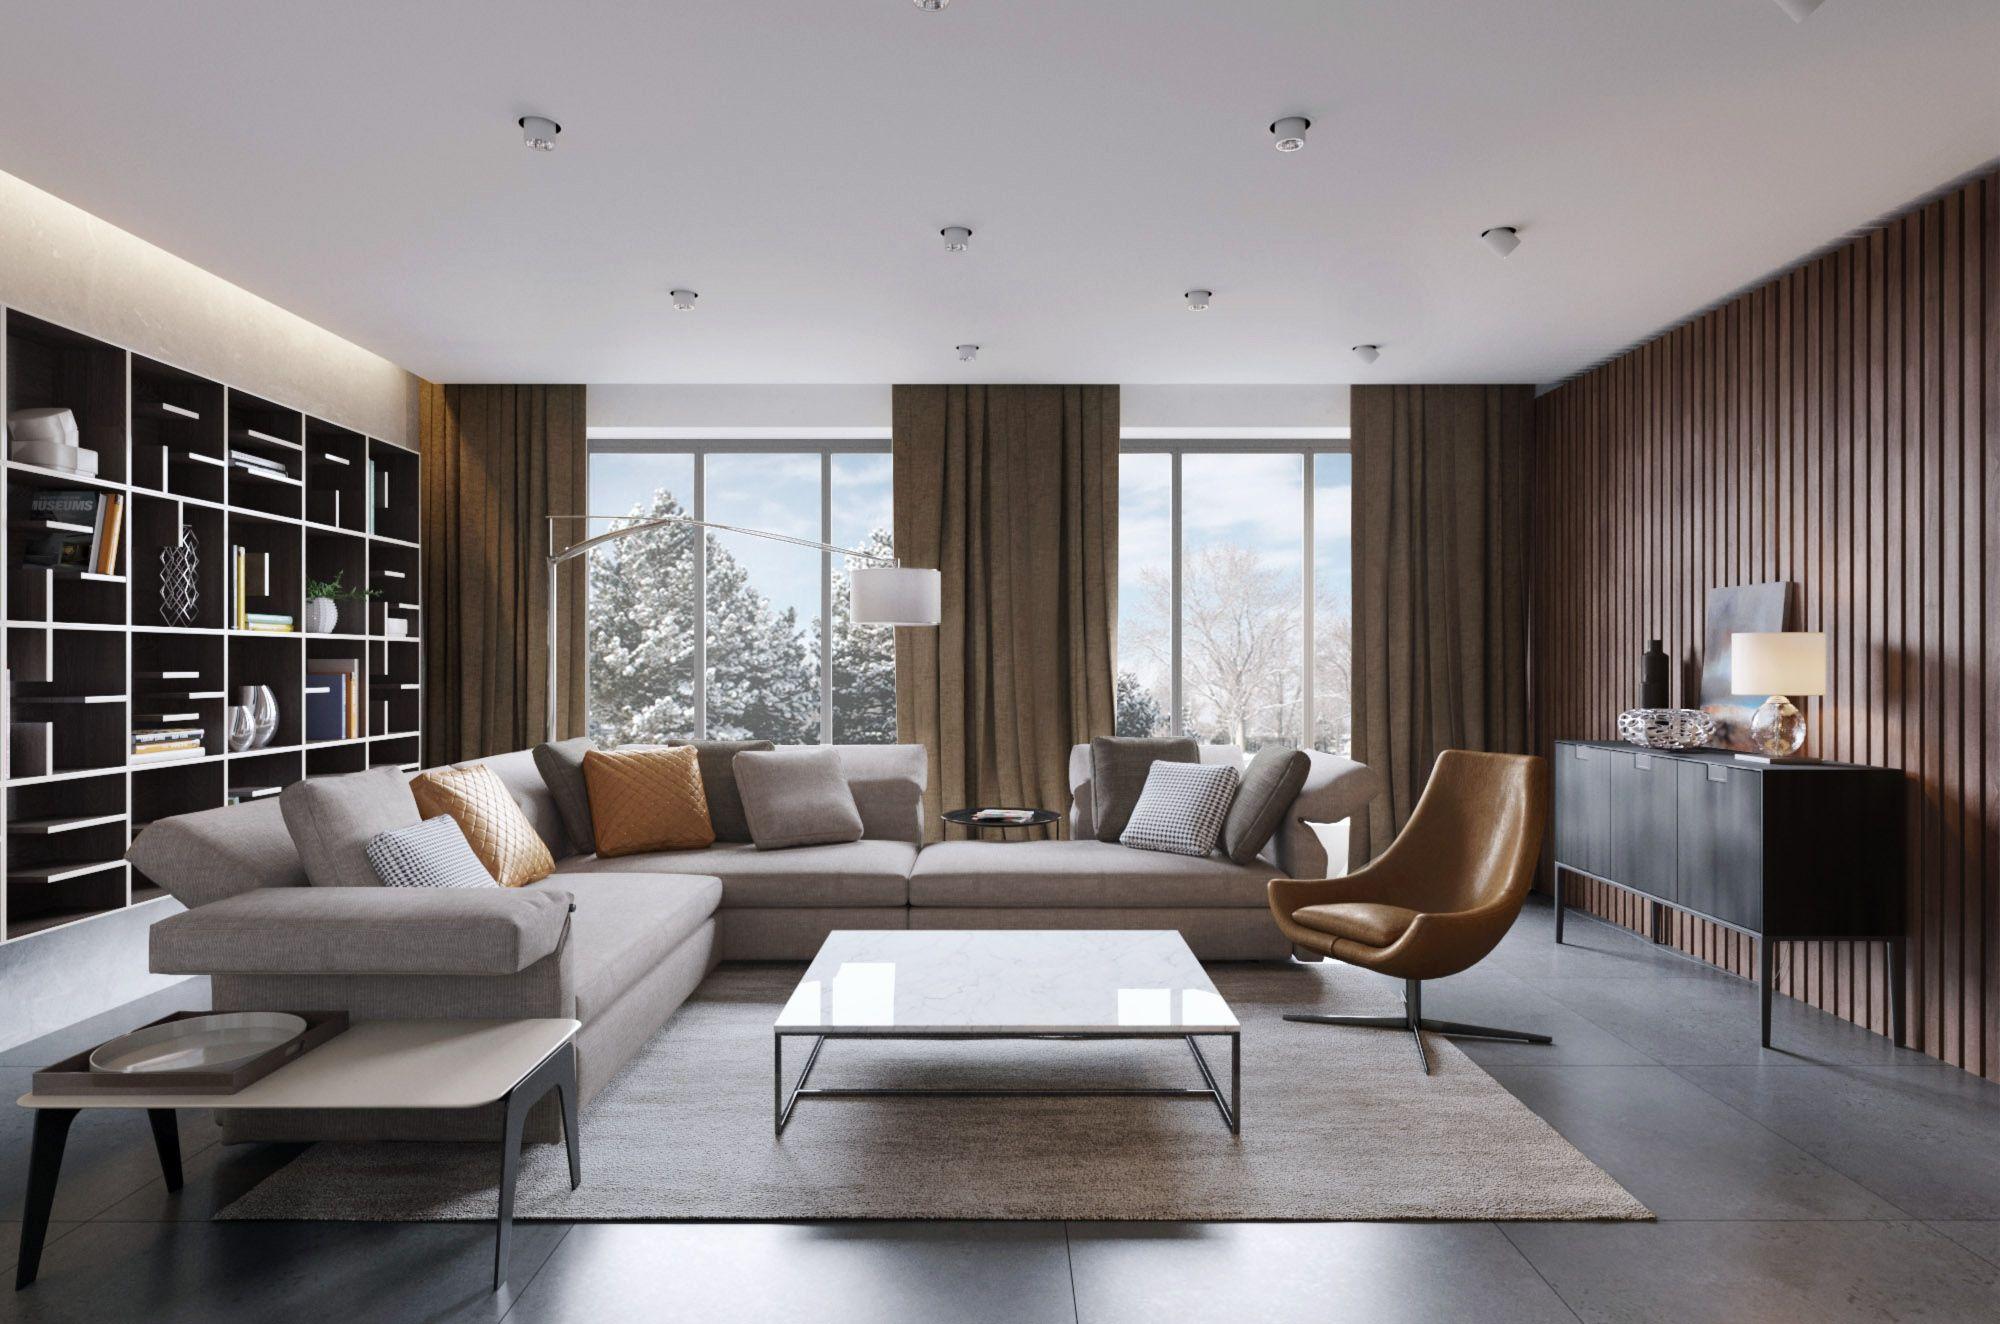 Thiết kế nội thất chung cư cao cấp 4